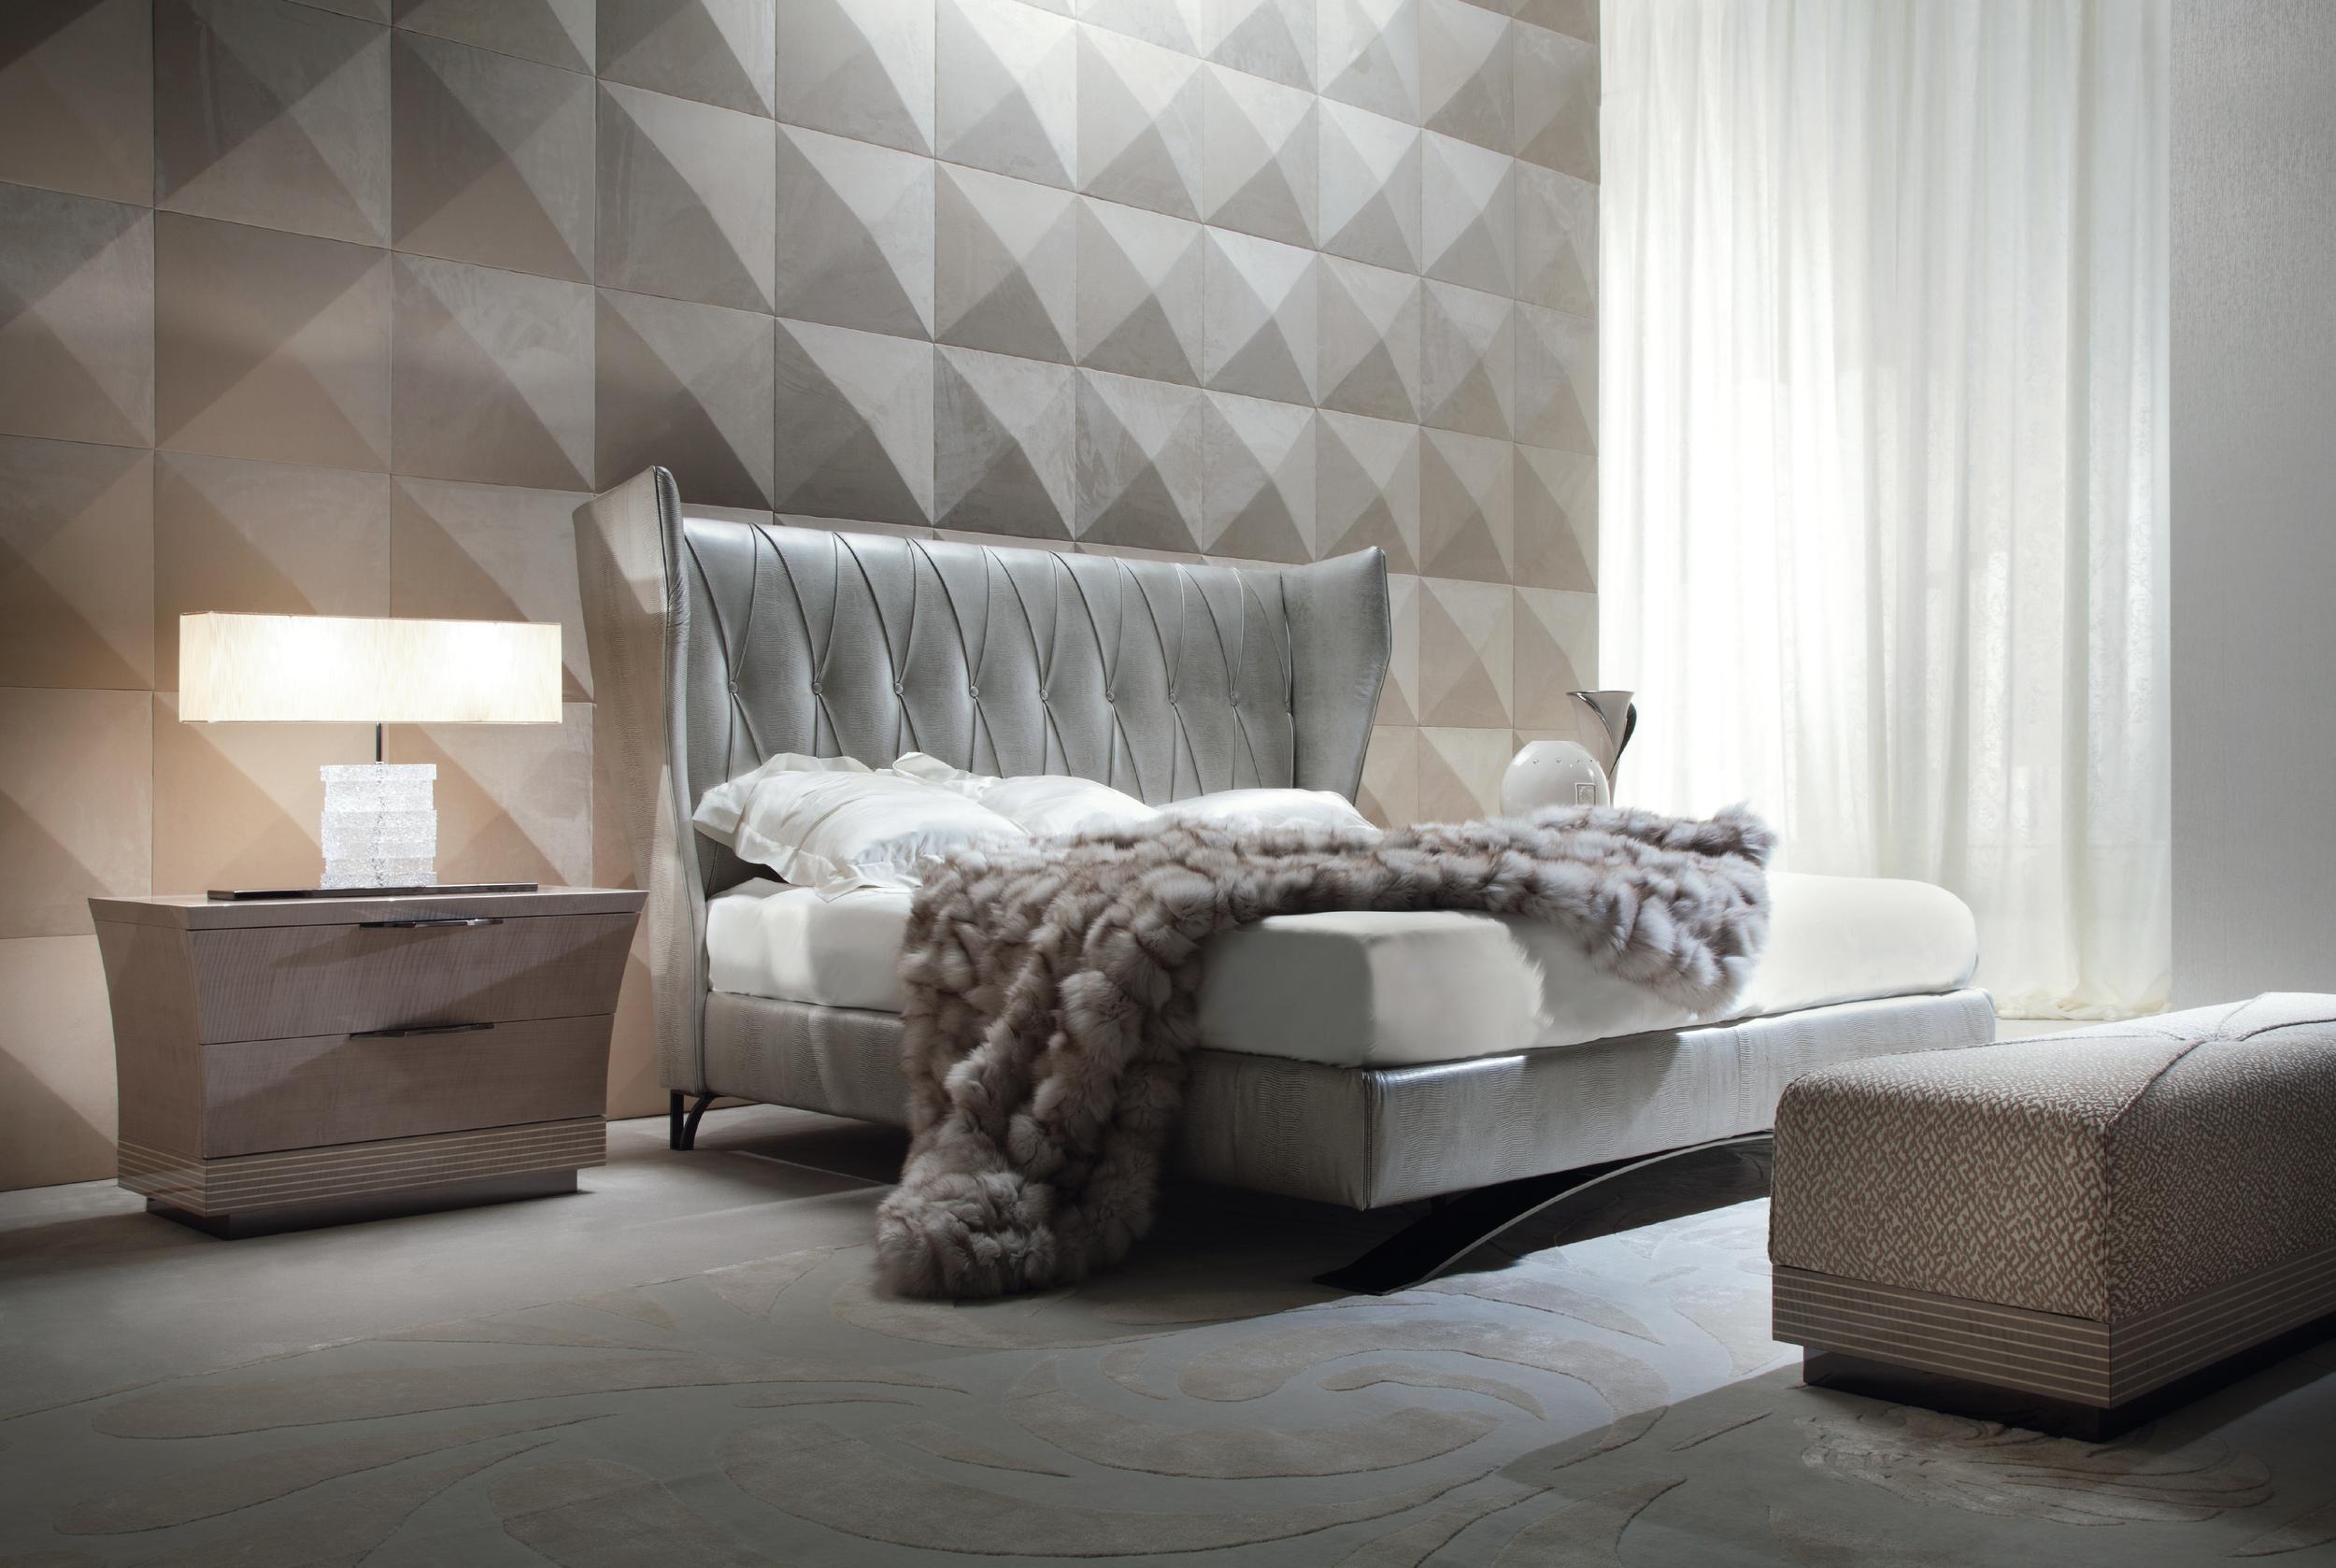 Giorgio Usa Italian Luxury Furniture